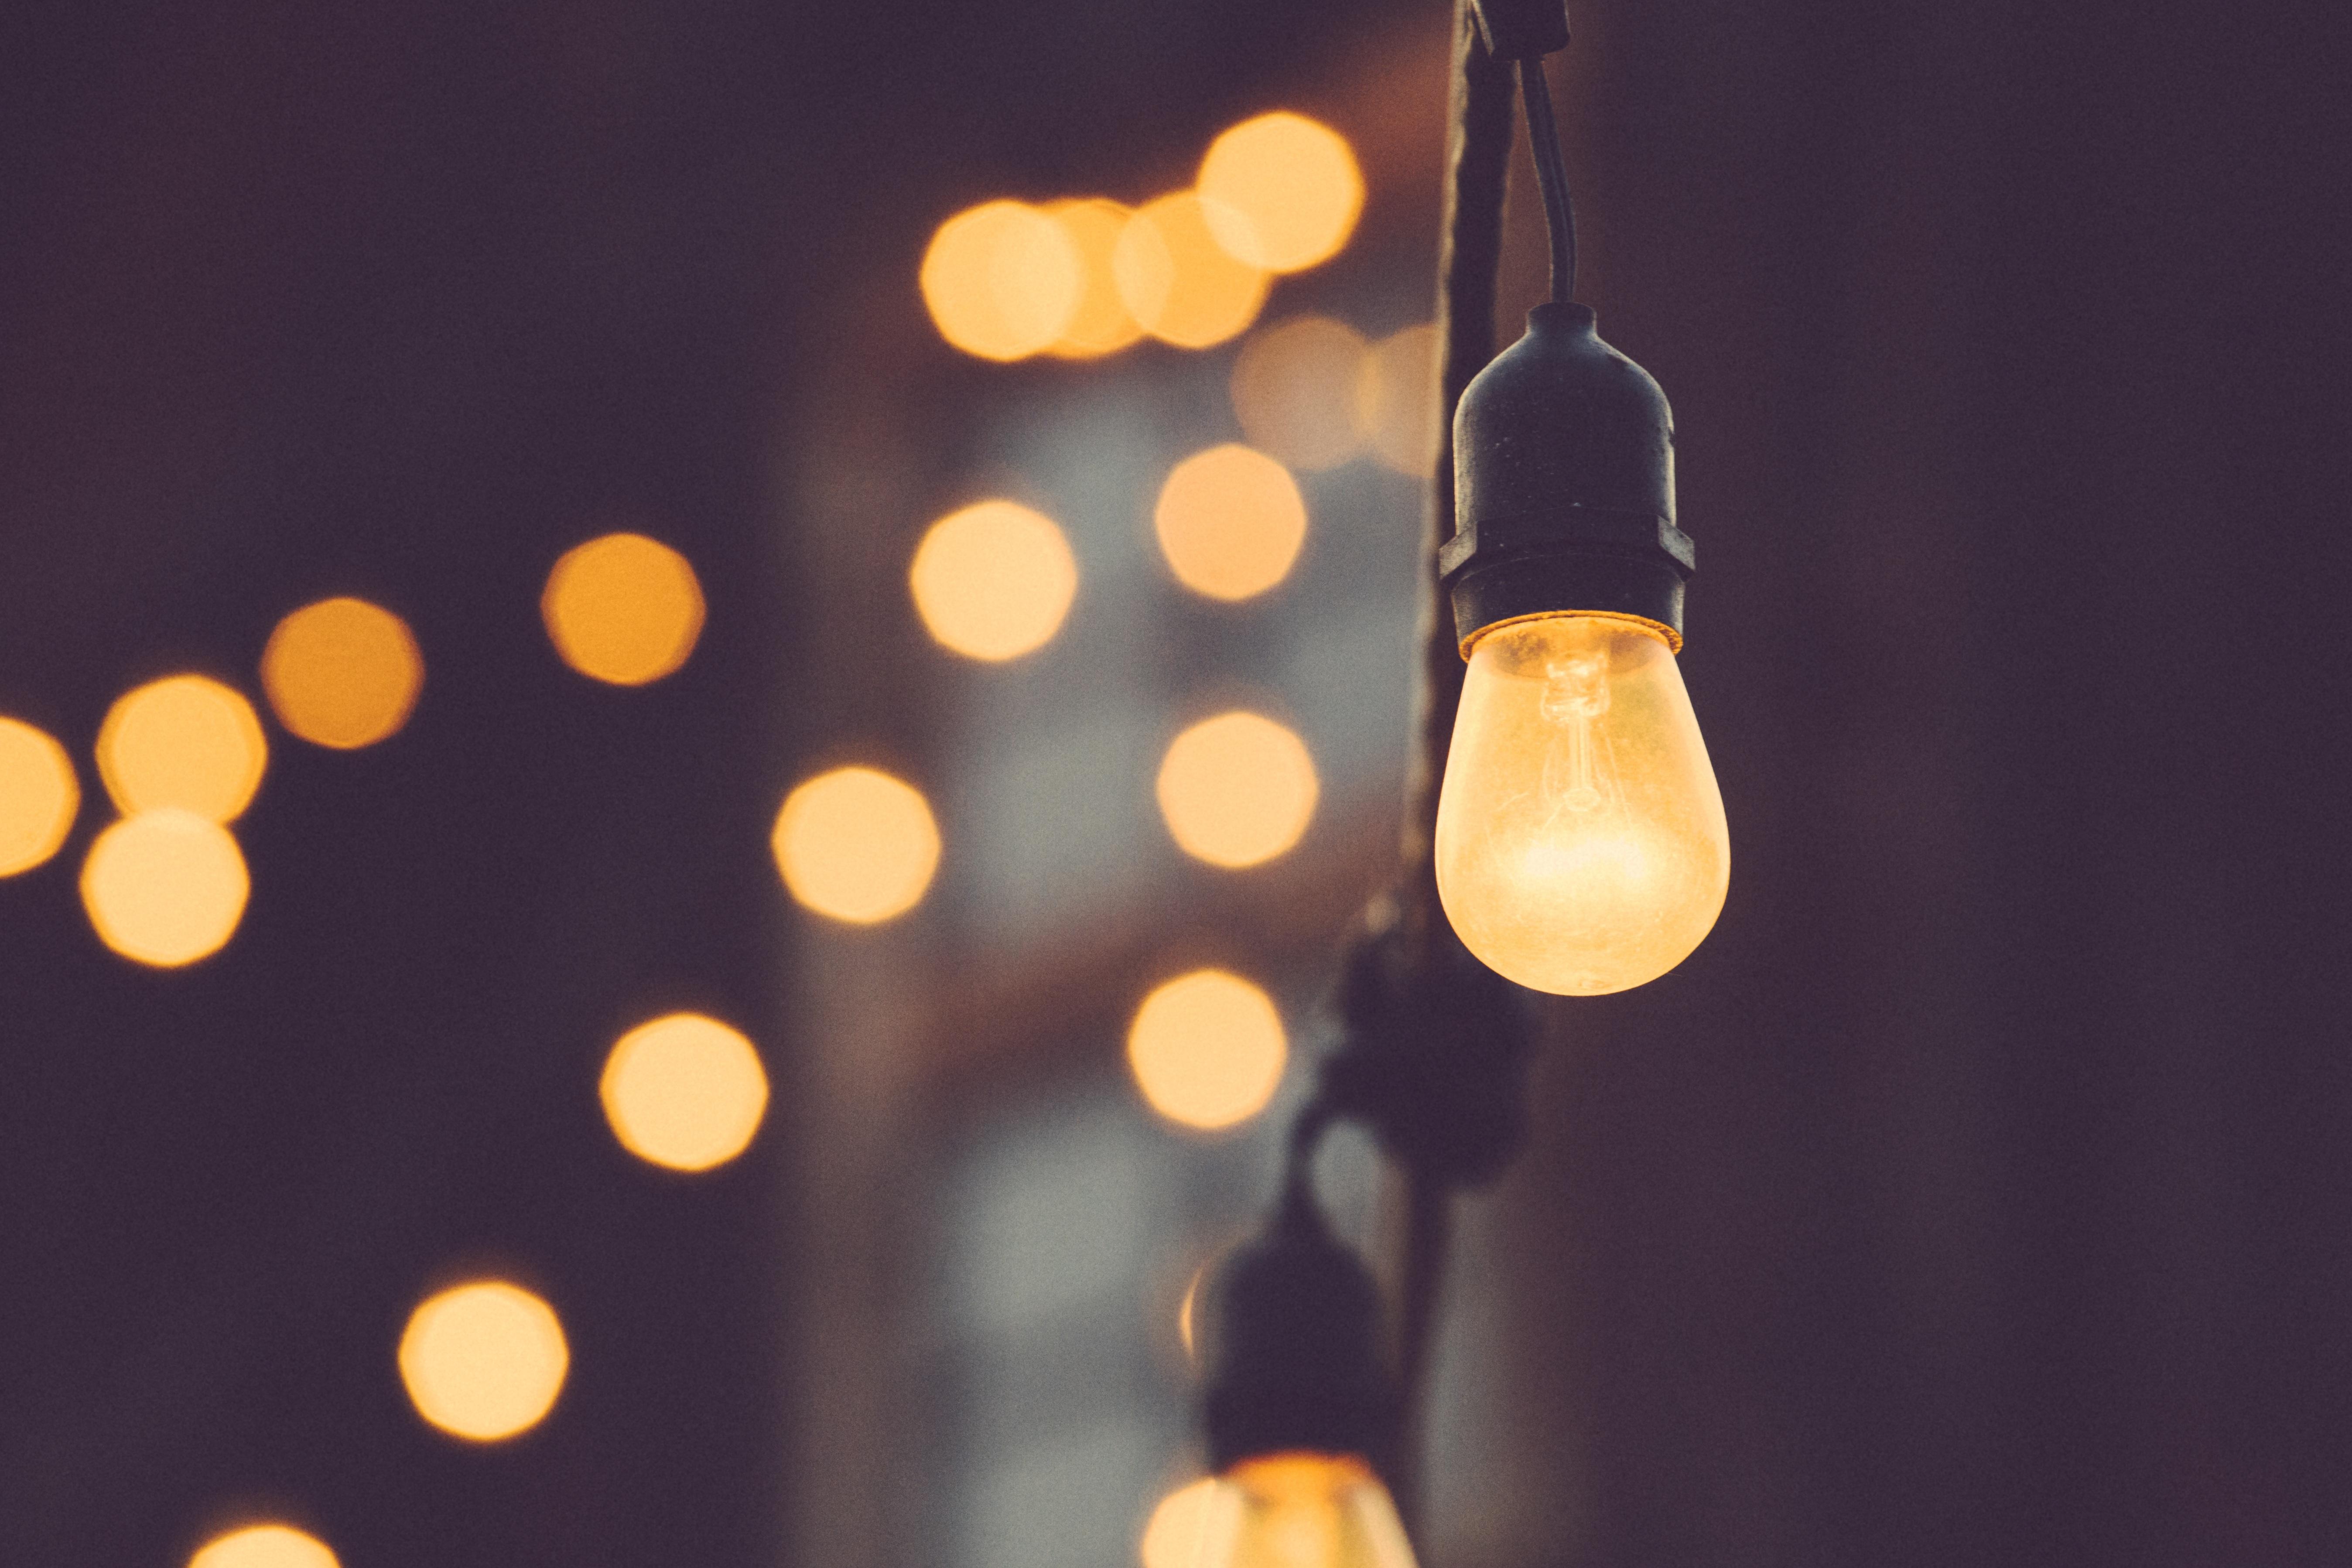 światło, barwy światła, żarówka